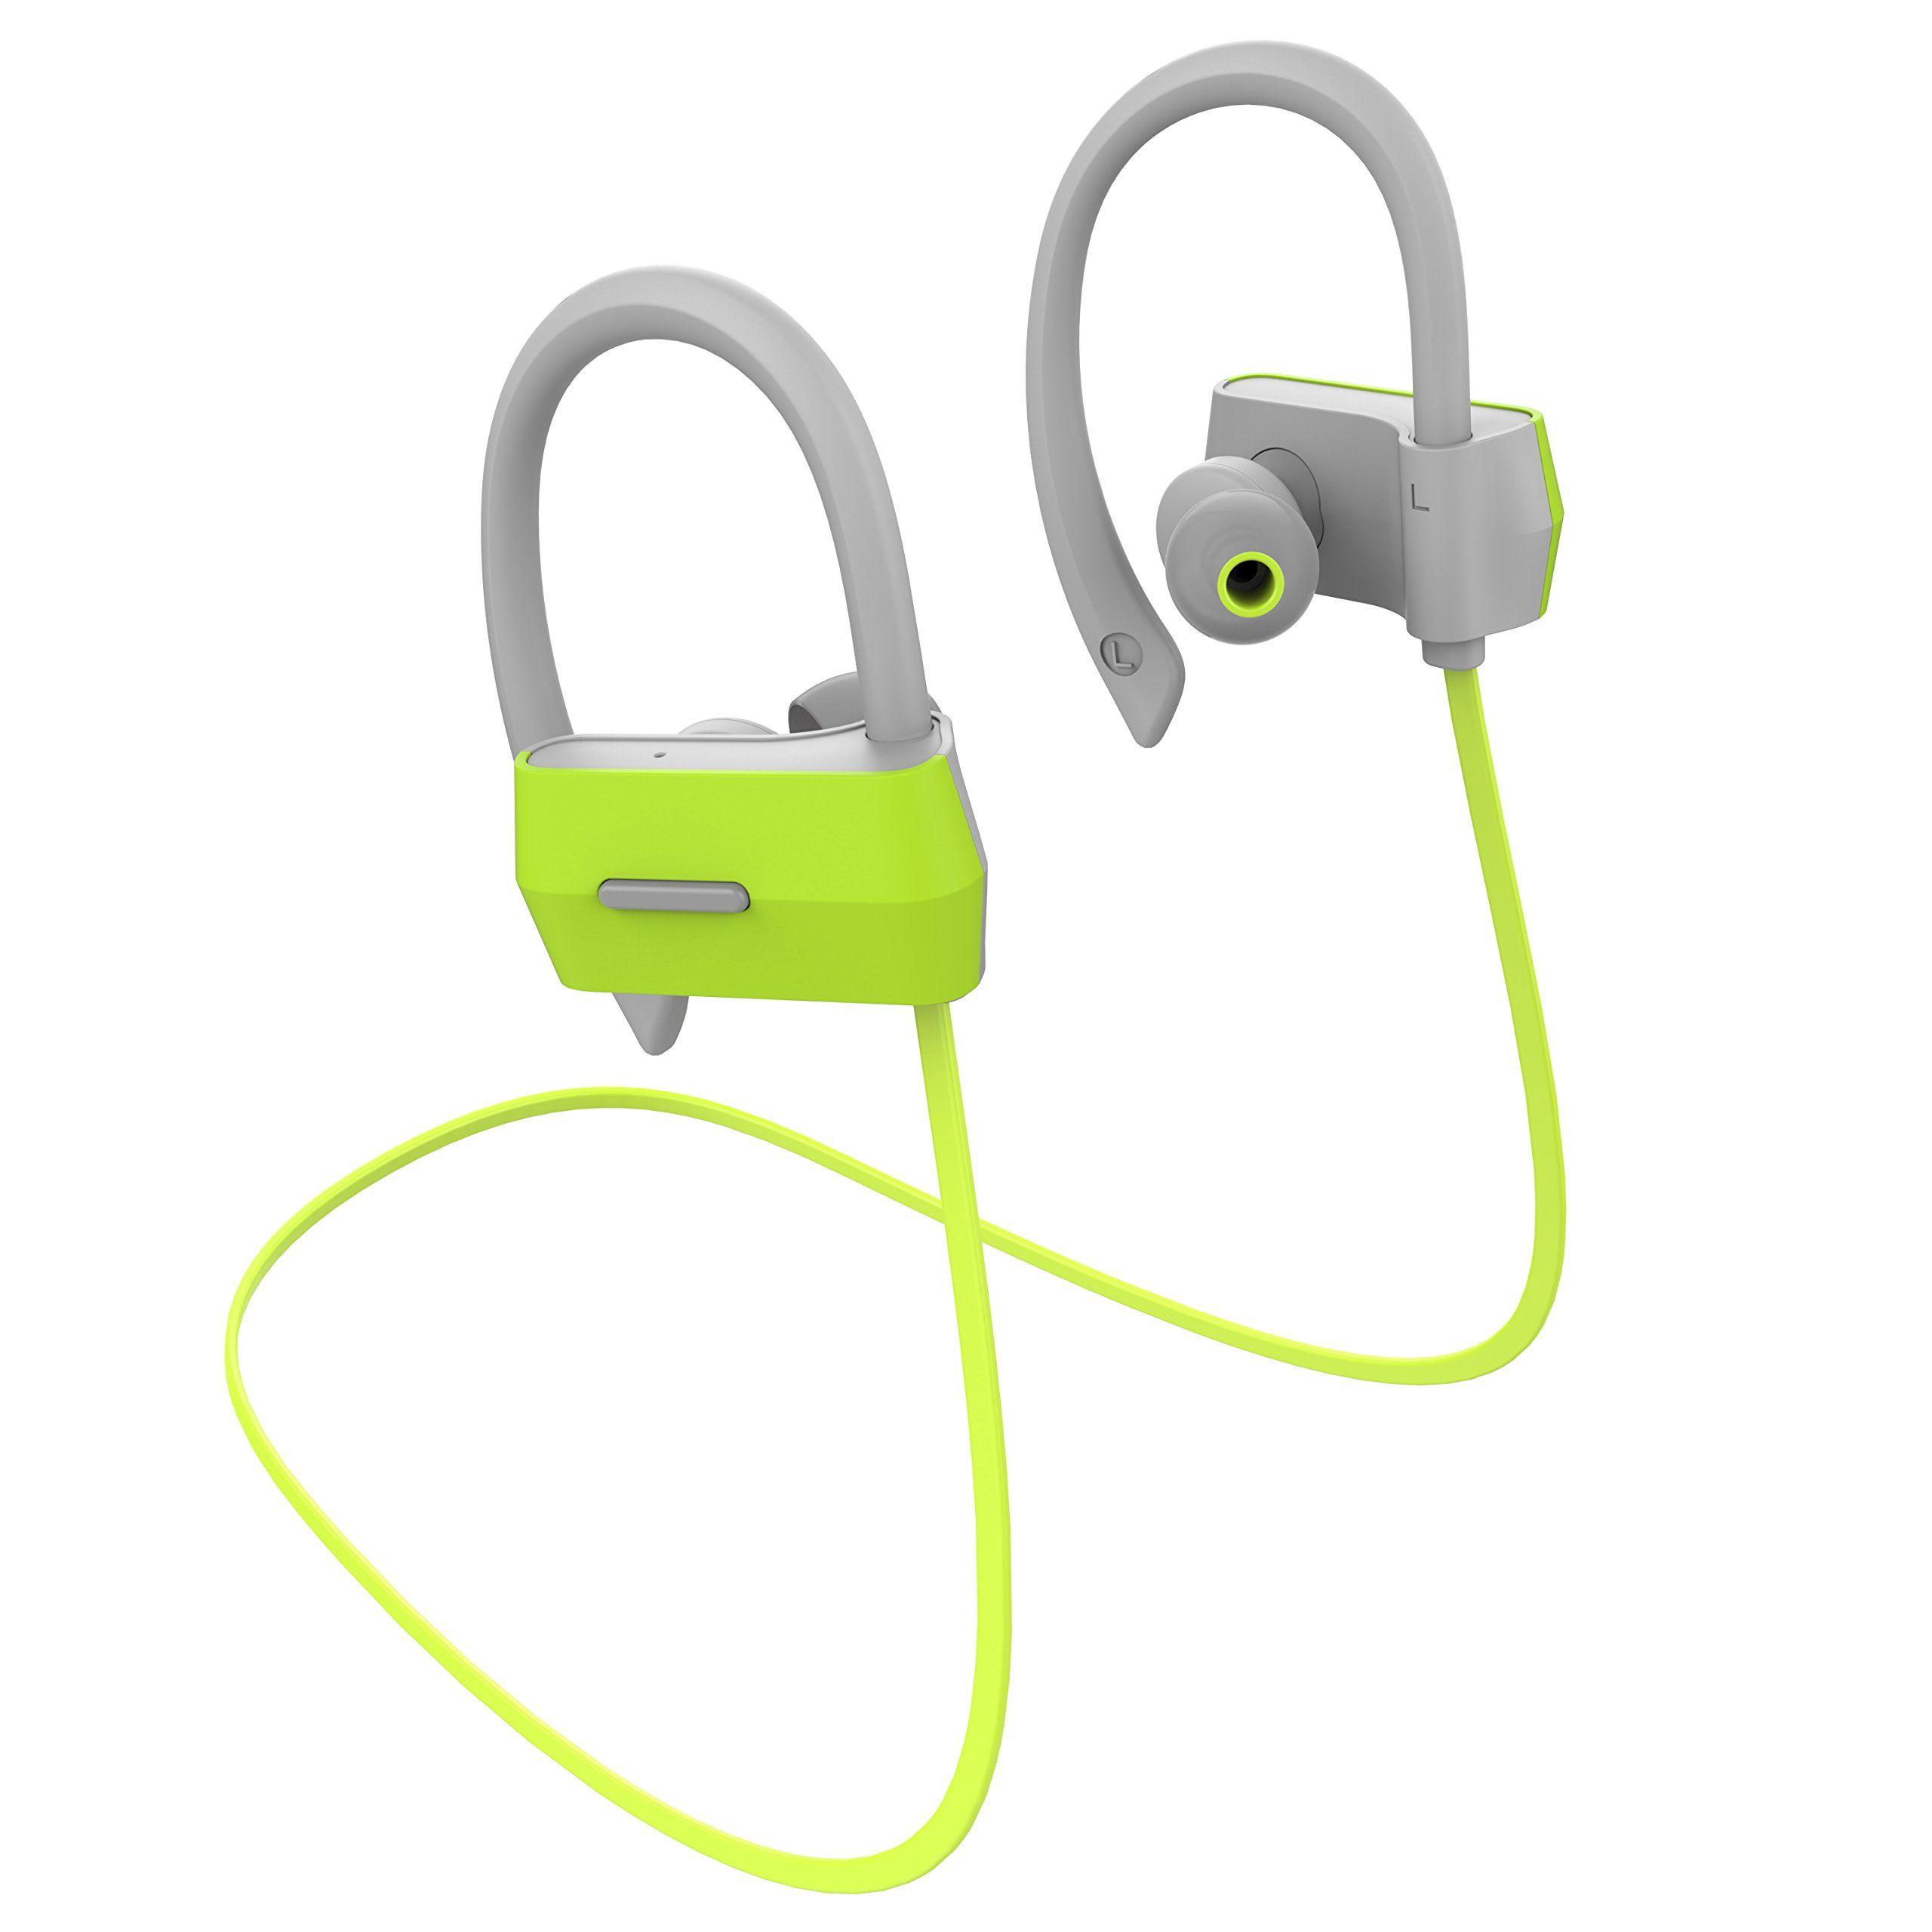 Alolli Bluetooth Headphones Wireless In Ear Earbuds V4.1